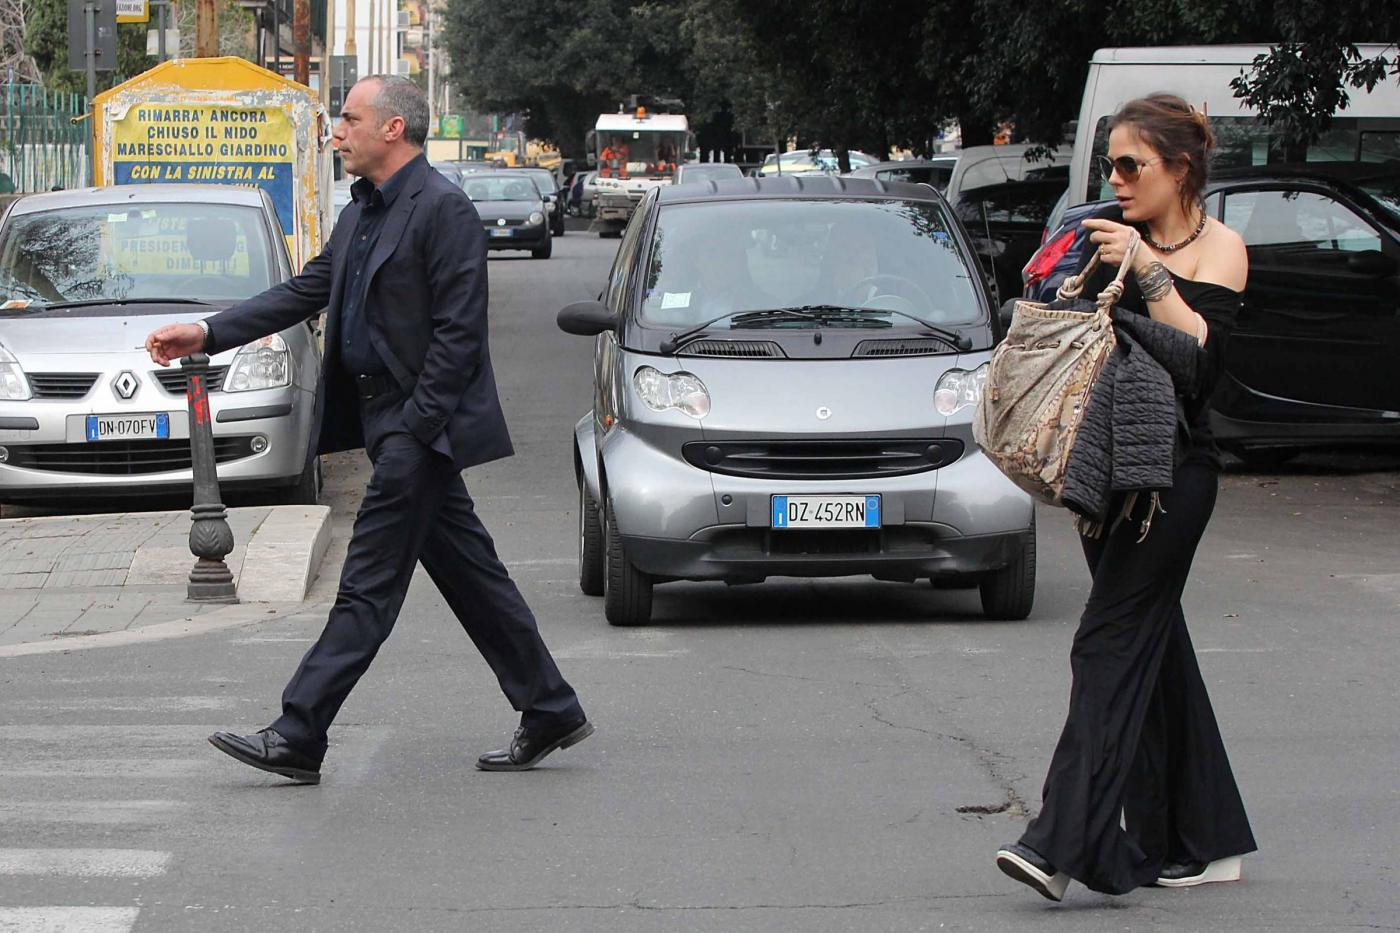 Naike Rivelli esce da un ristorante con il suo nuovo compagno06